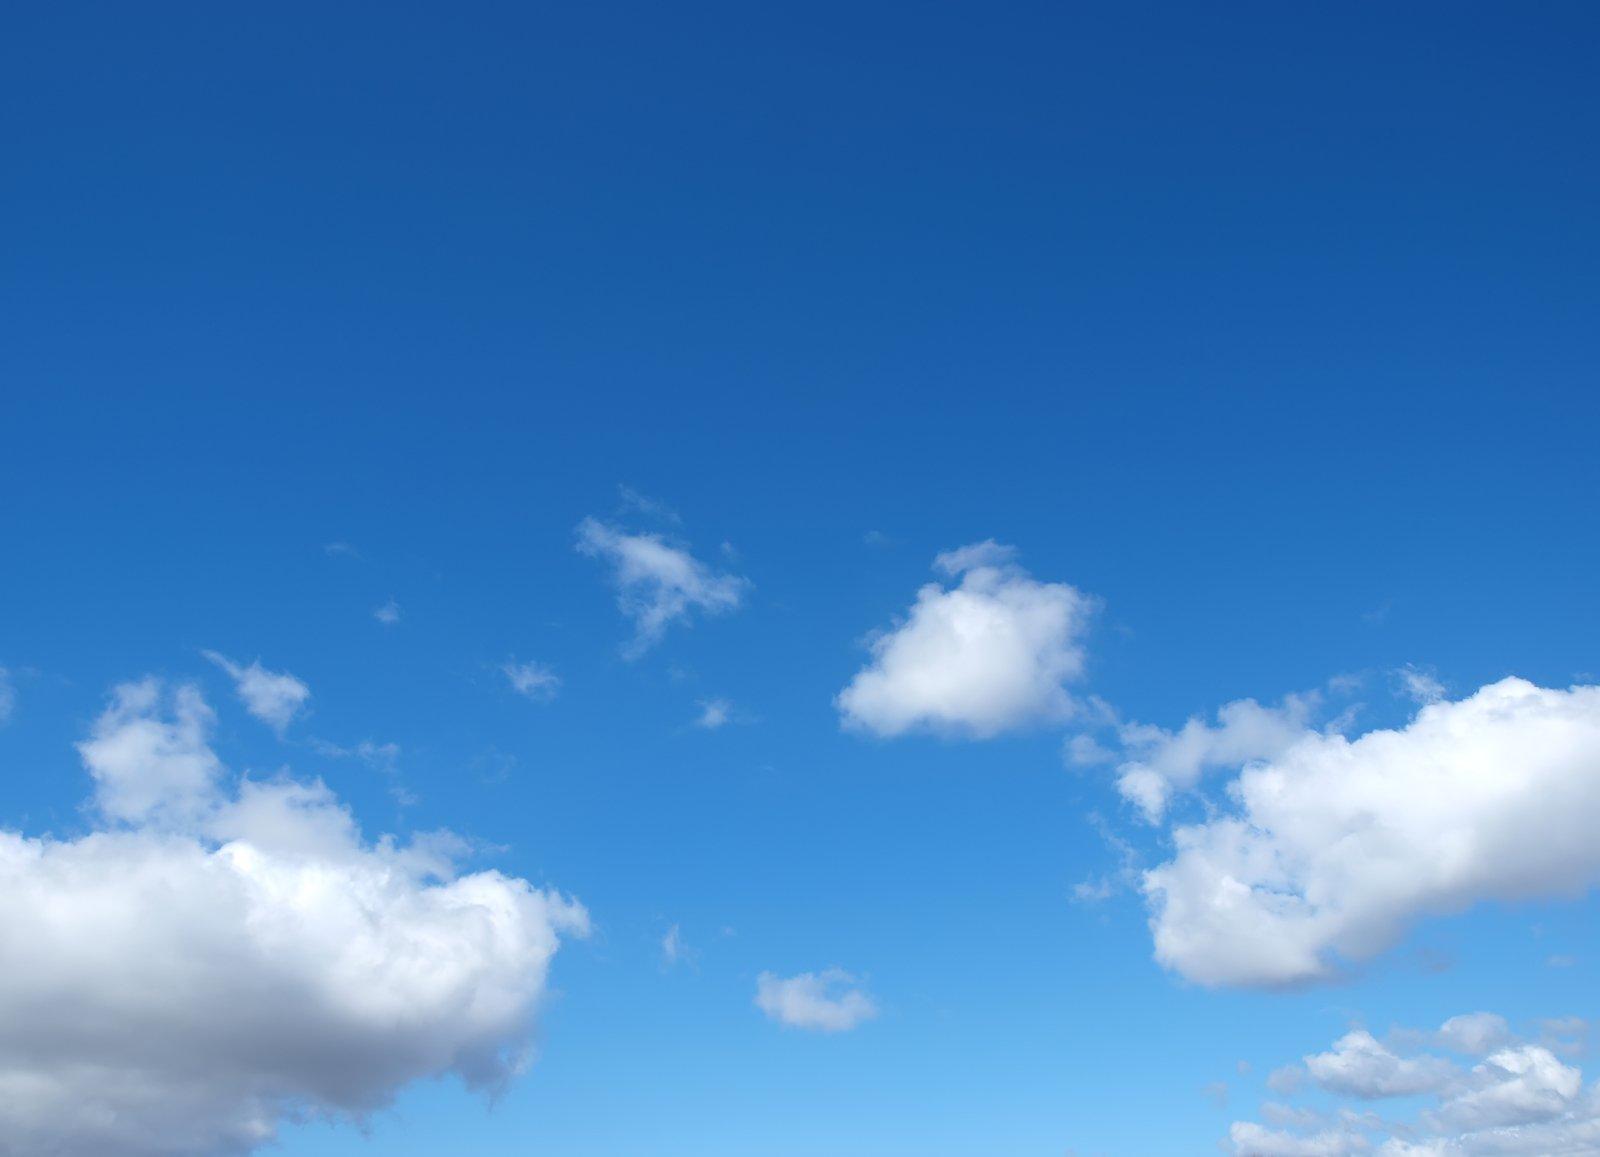 Free Cloudy Sky Stock Photo Freeimages Com